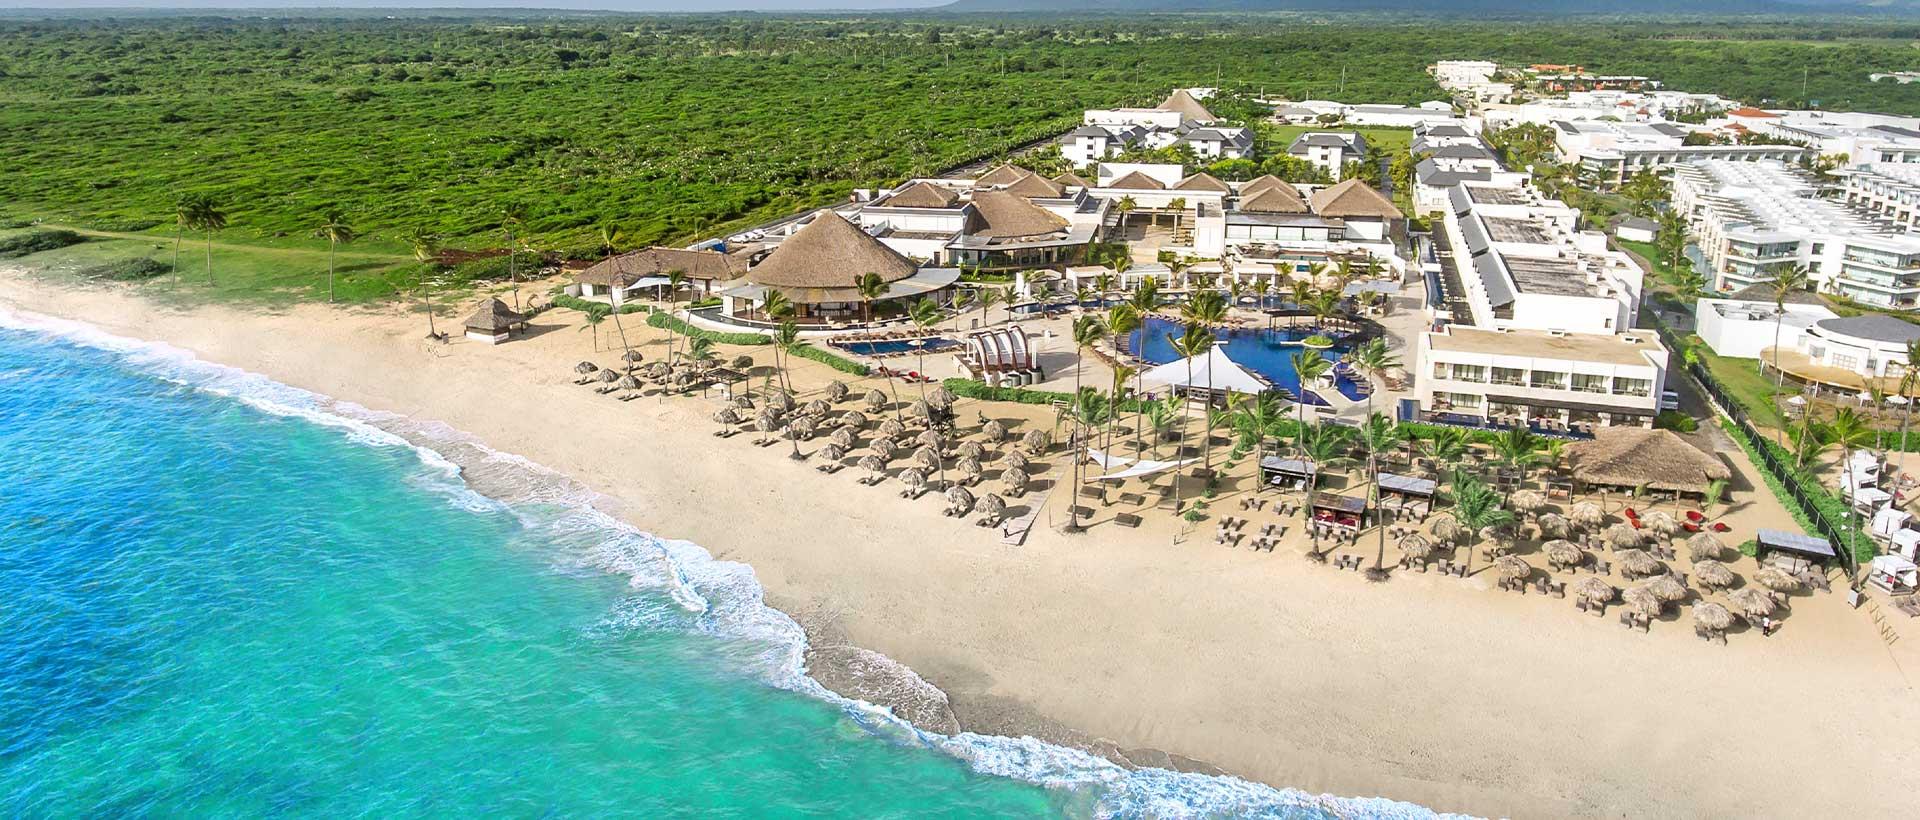 Royalton CHIC Punta Cana, All-Inclusive Resort & Casino